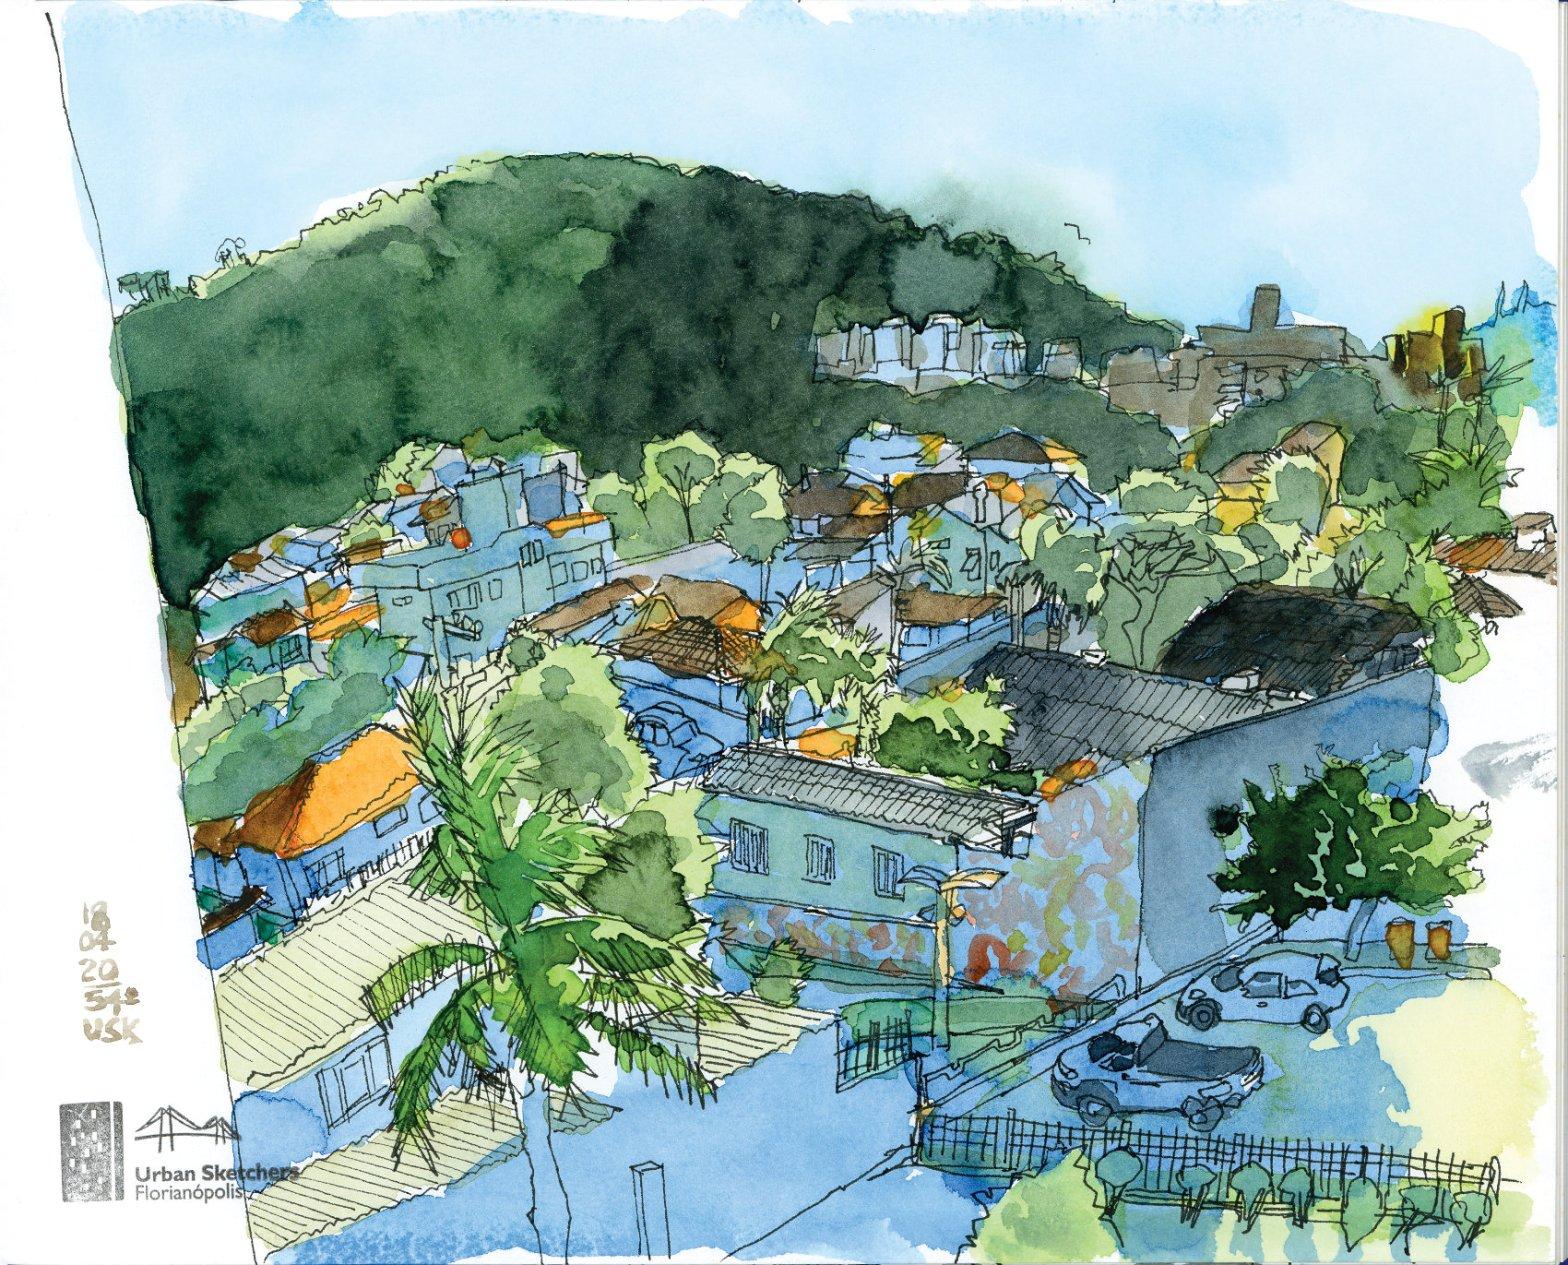 Desenho em caneta e aquarela mostrando o bairro Jardim Guarani e o morro com árvores ao fundo